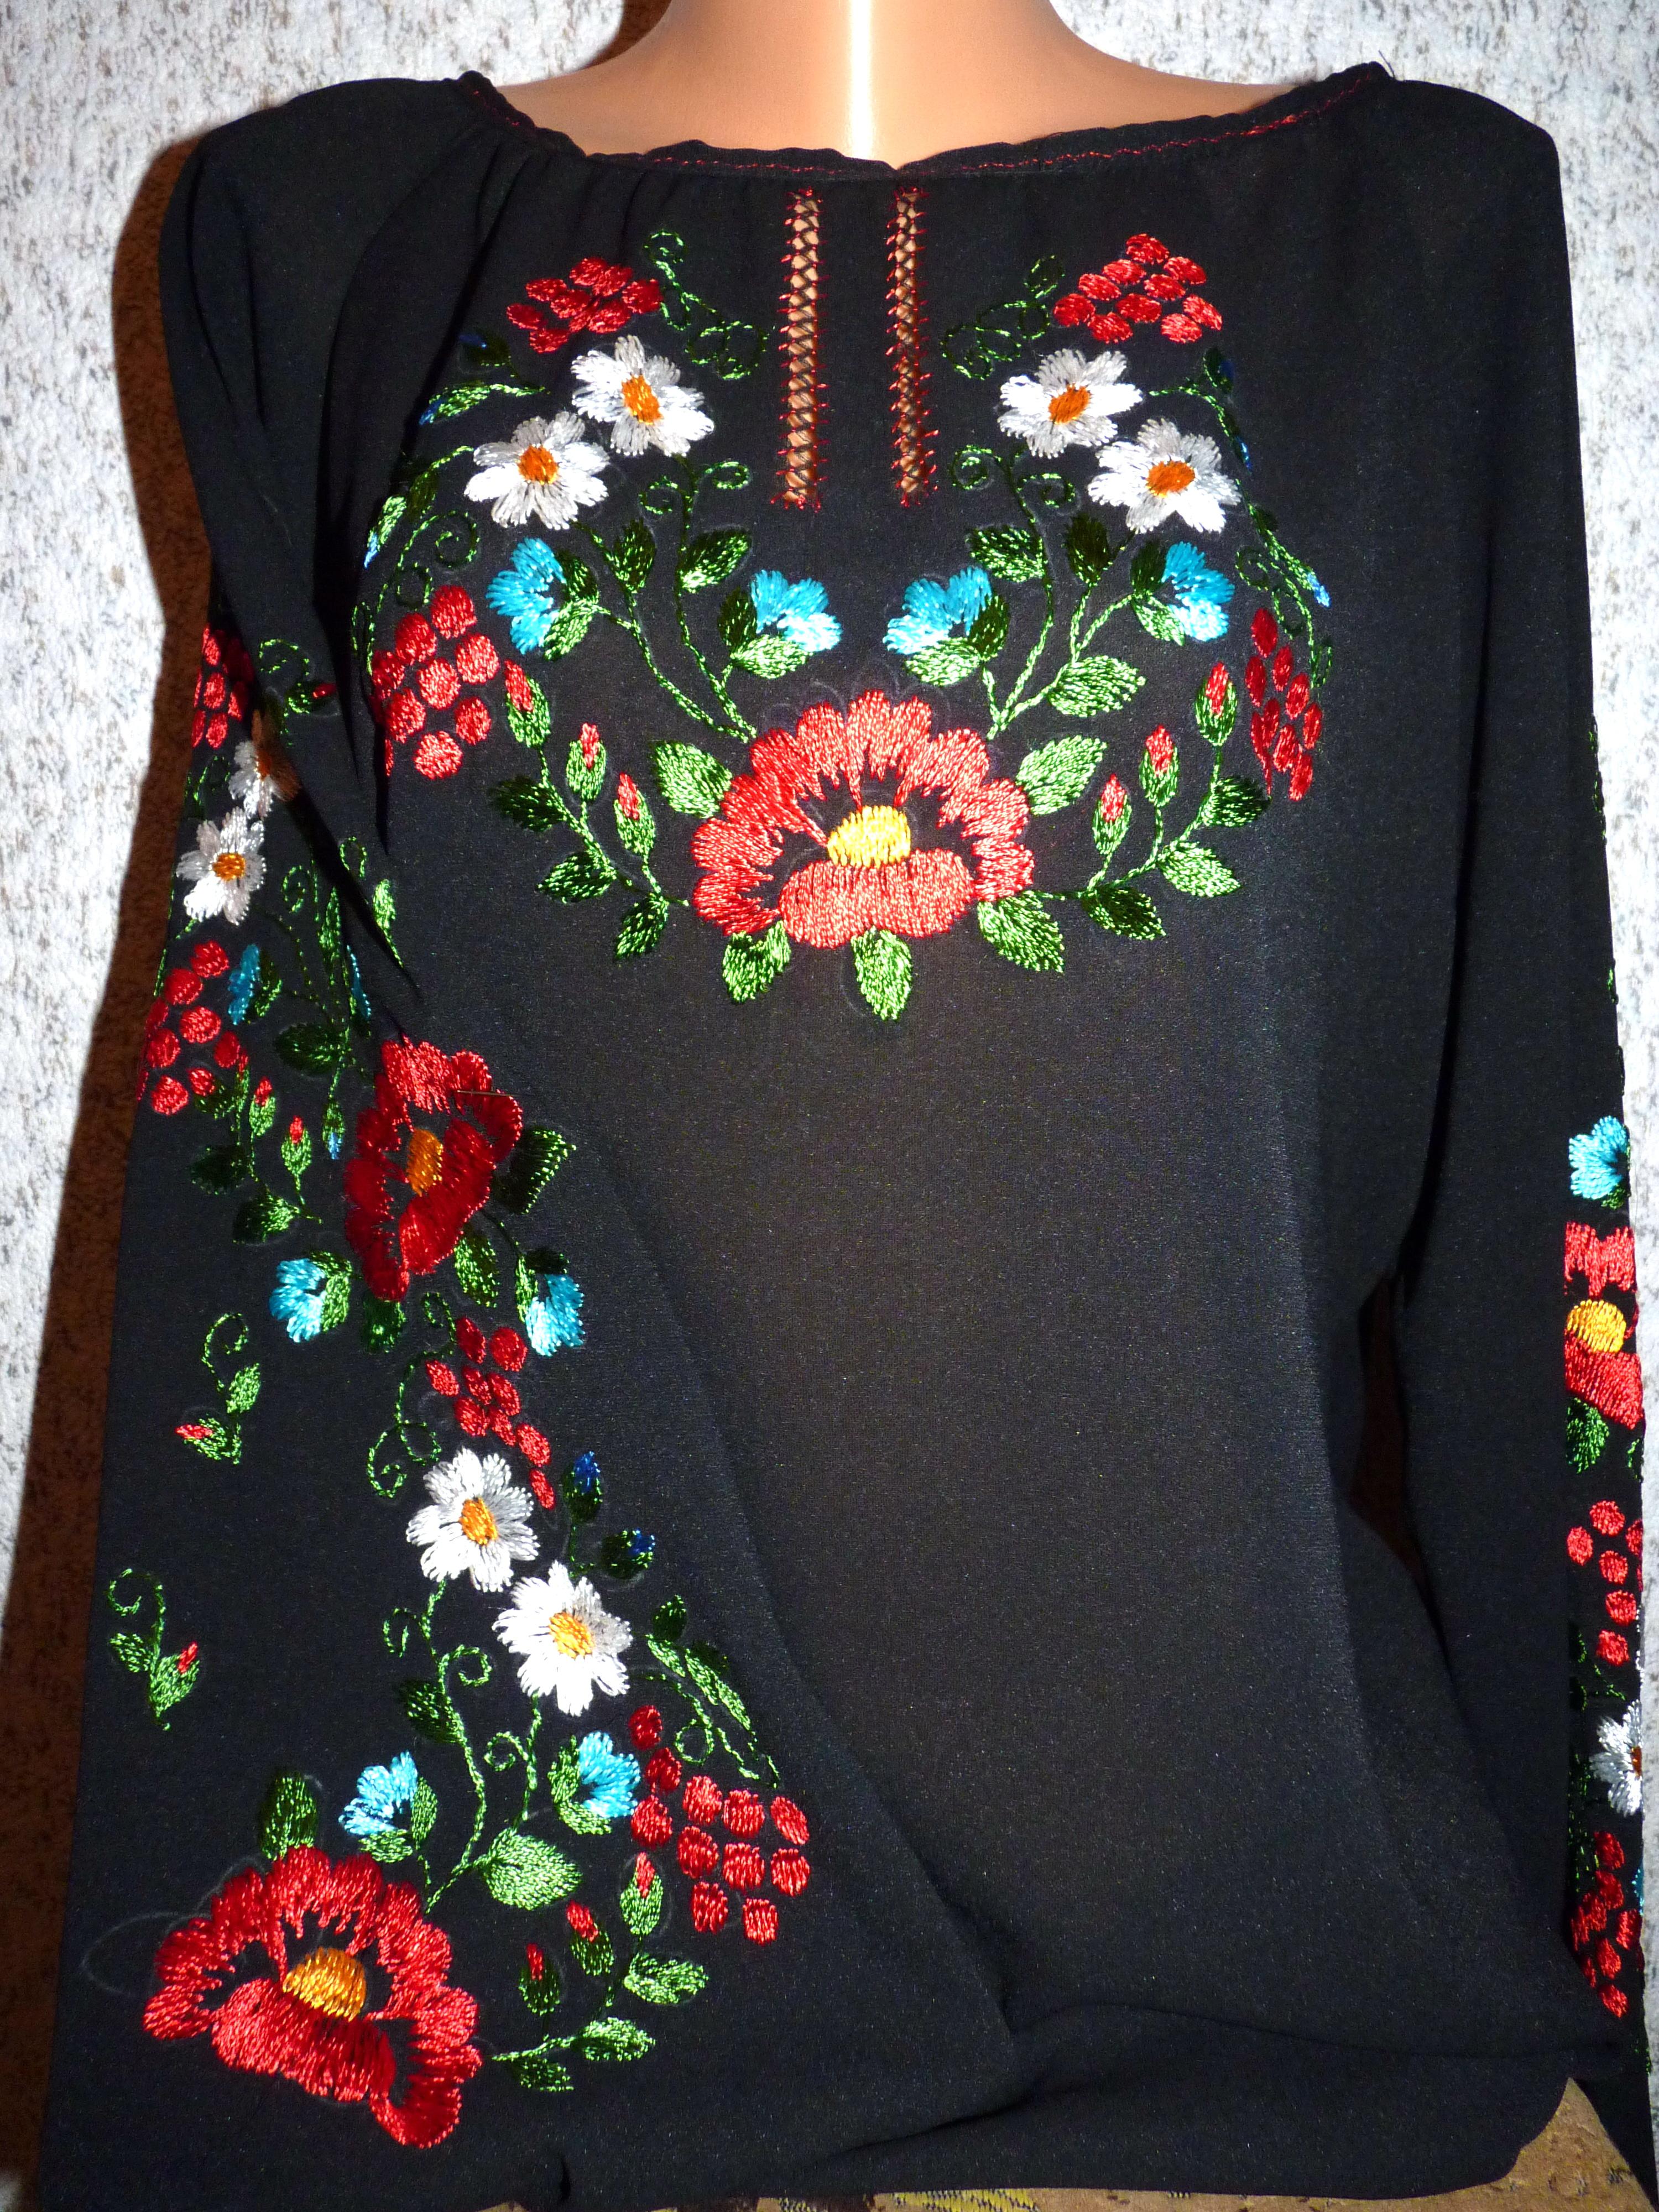 Купить Блузку Под Вышивку